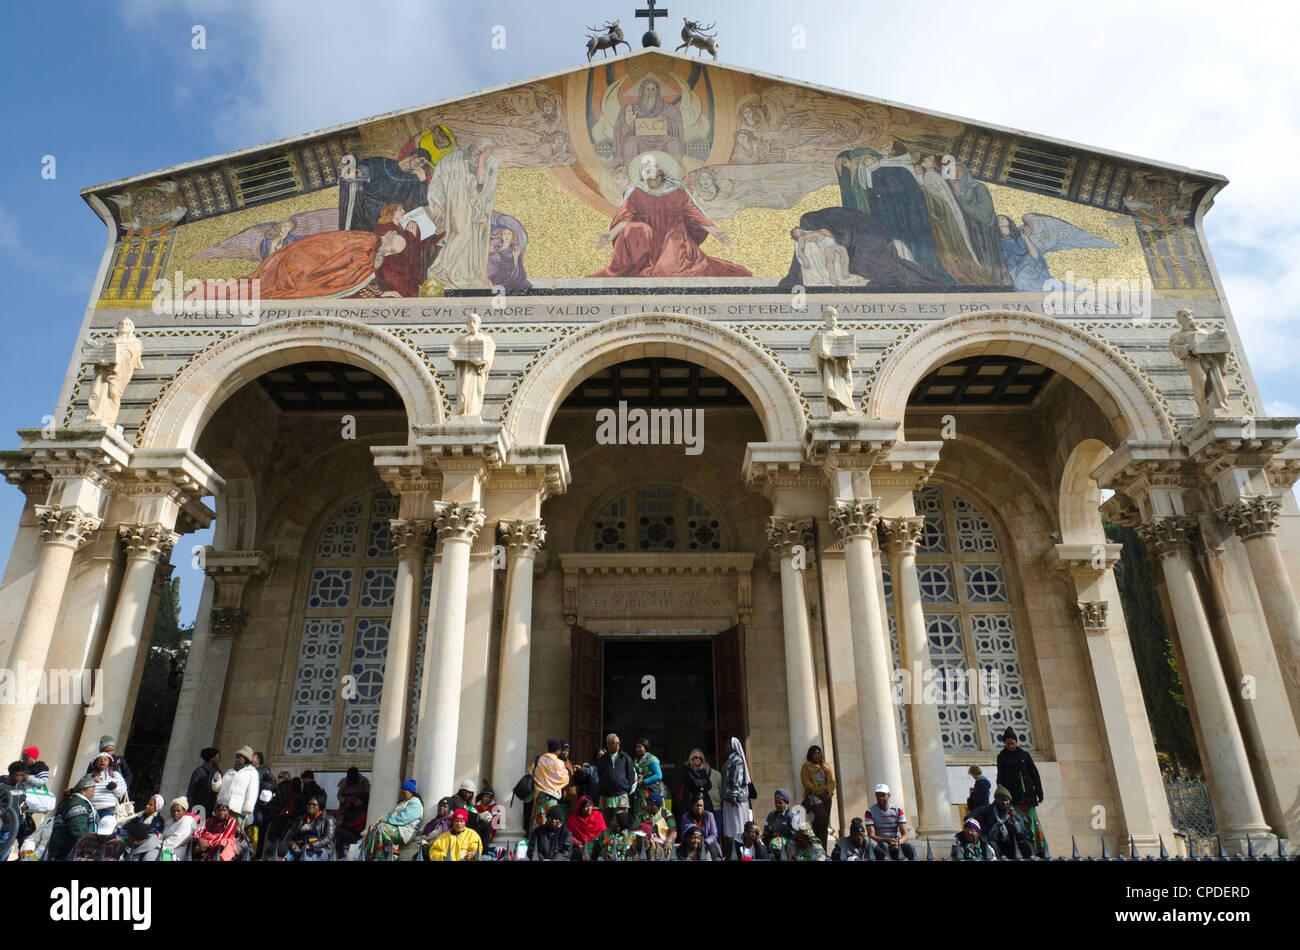 Peregrinos en frente de la Iglesia de todas las naciones, Getsemaní, Jerusalén, Israel, Oriente Medio Imagen De Stock